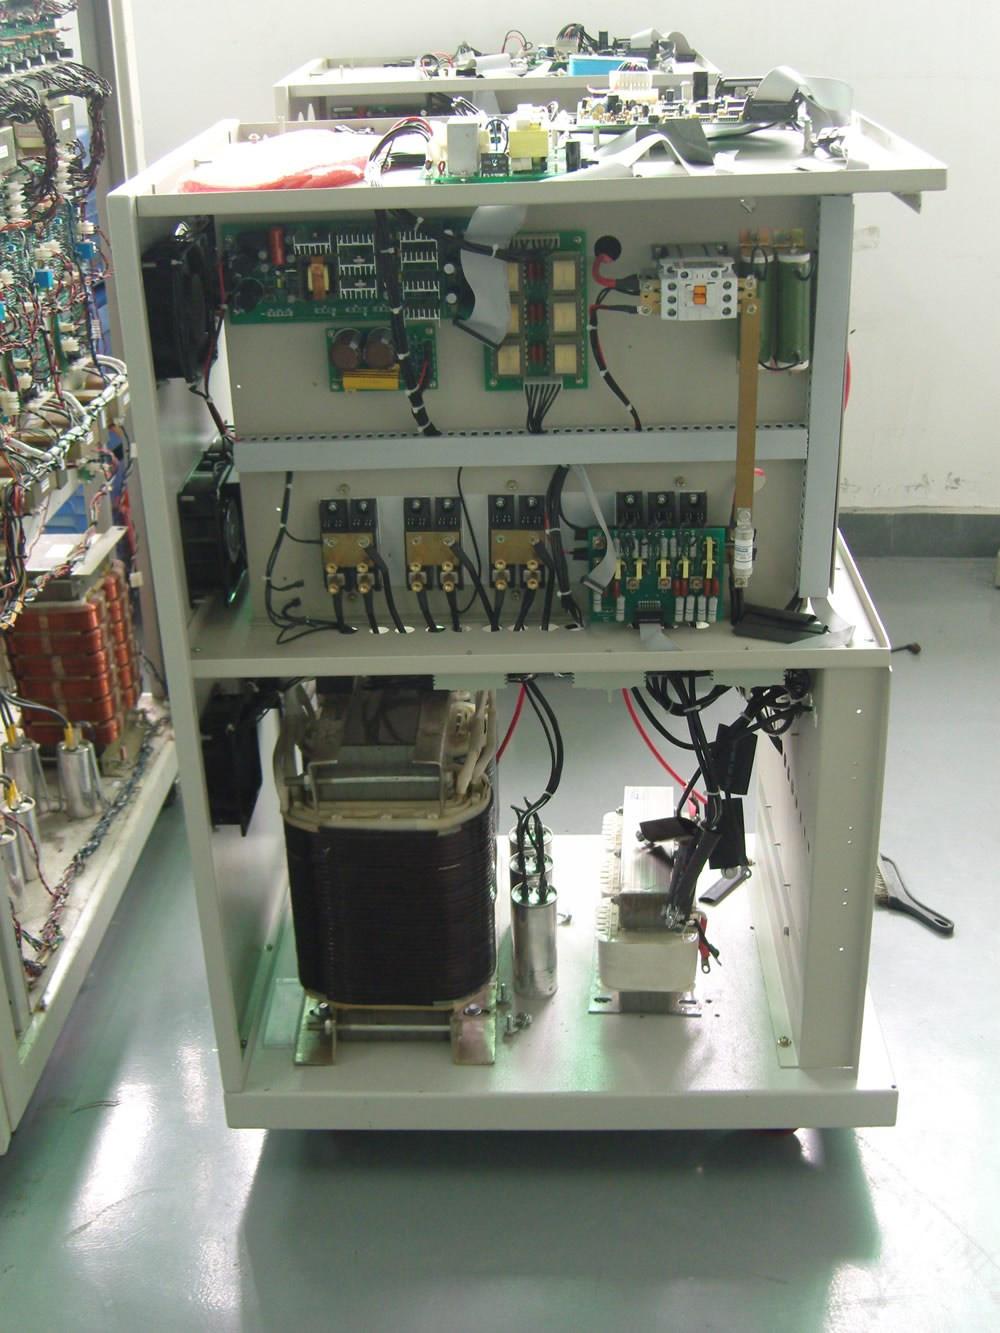 Bosin 照明用 ups不间断电源80KW蓄电池